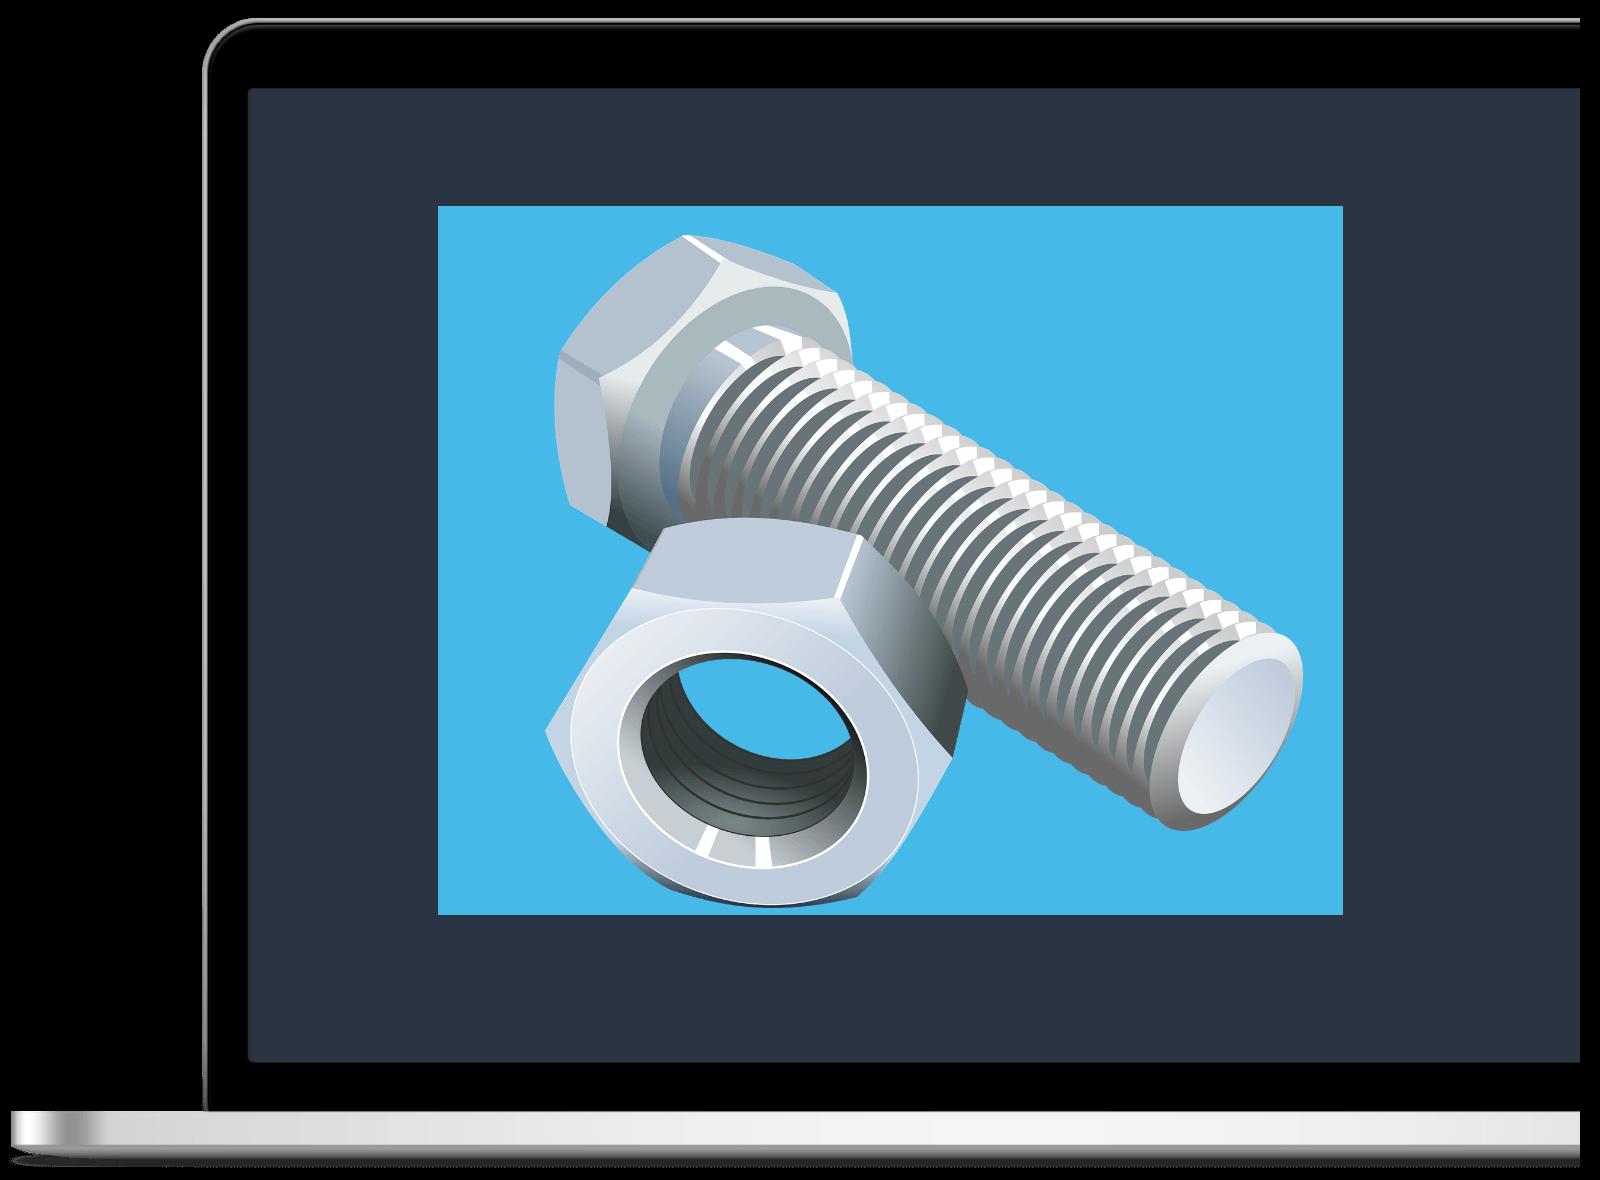 Página web industrial página web para empresas industriales